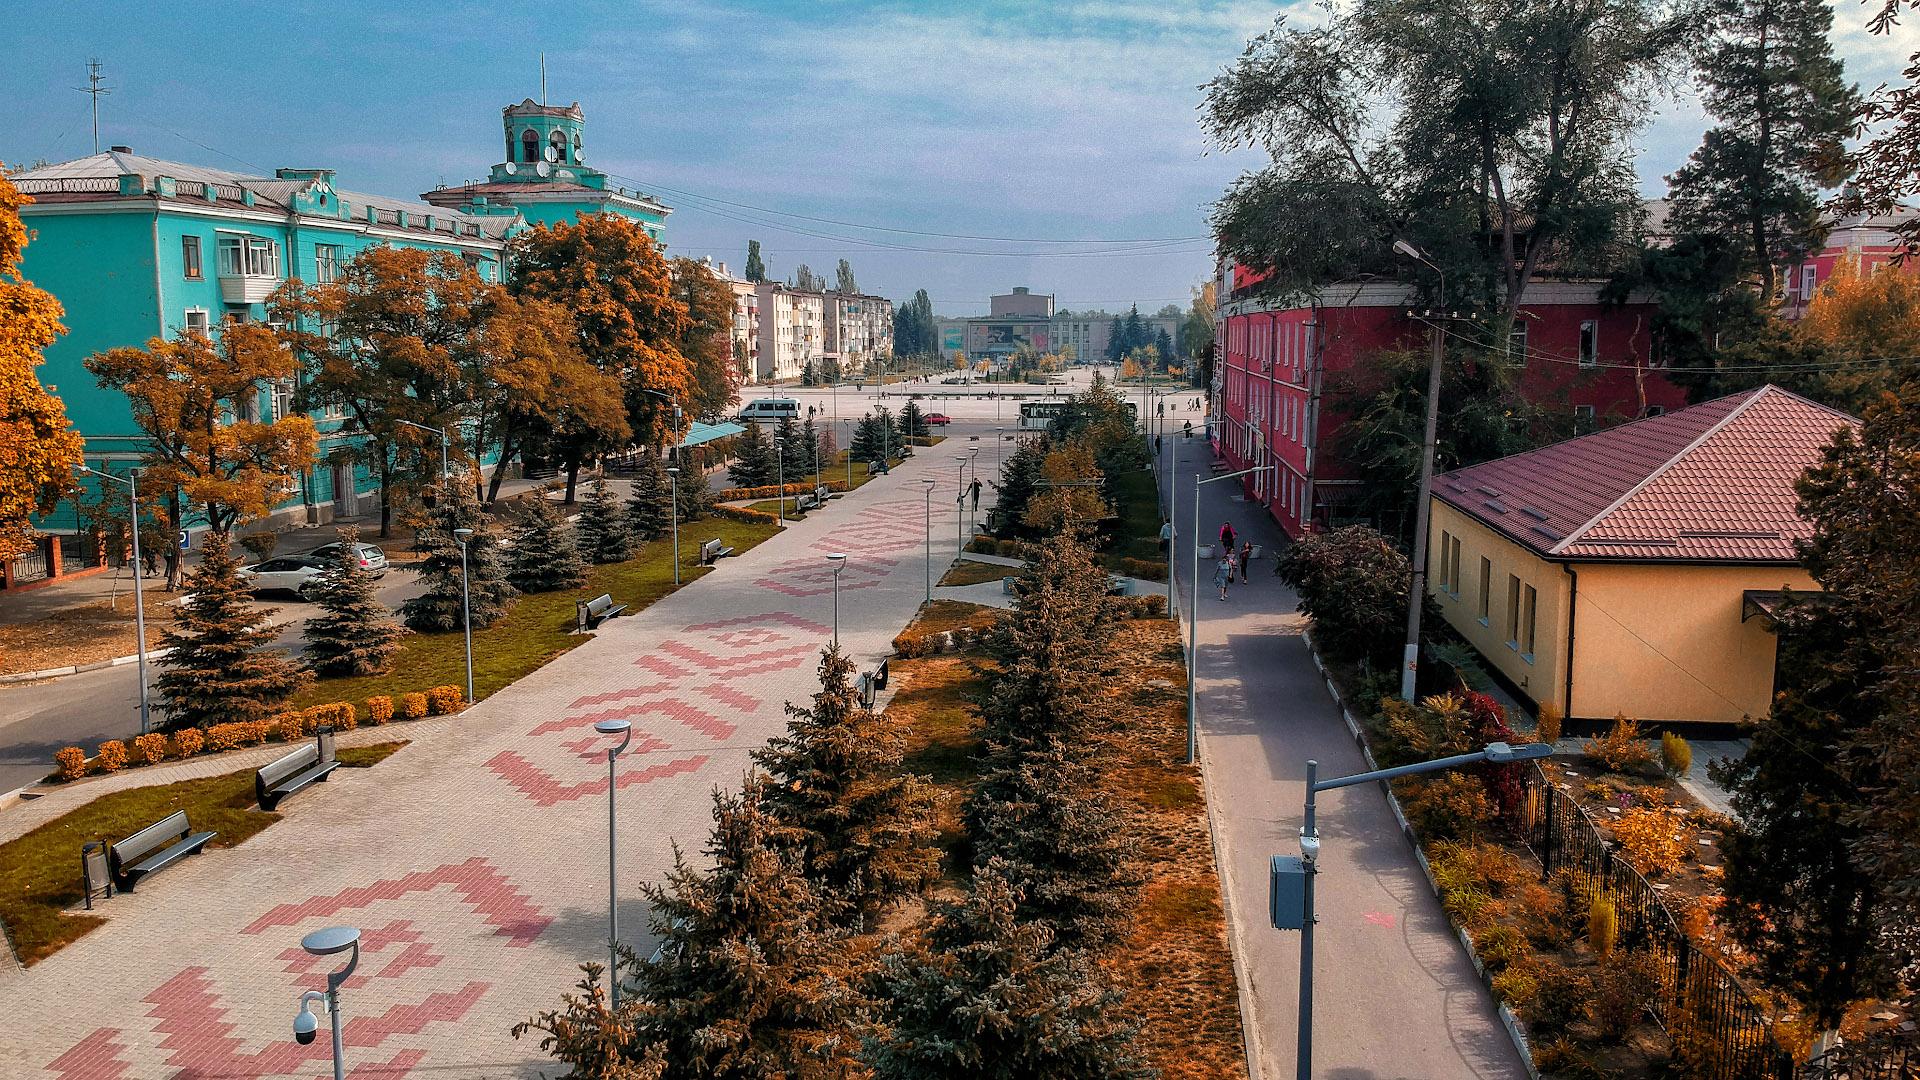 Площадь Героев, сентябрь 2019